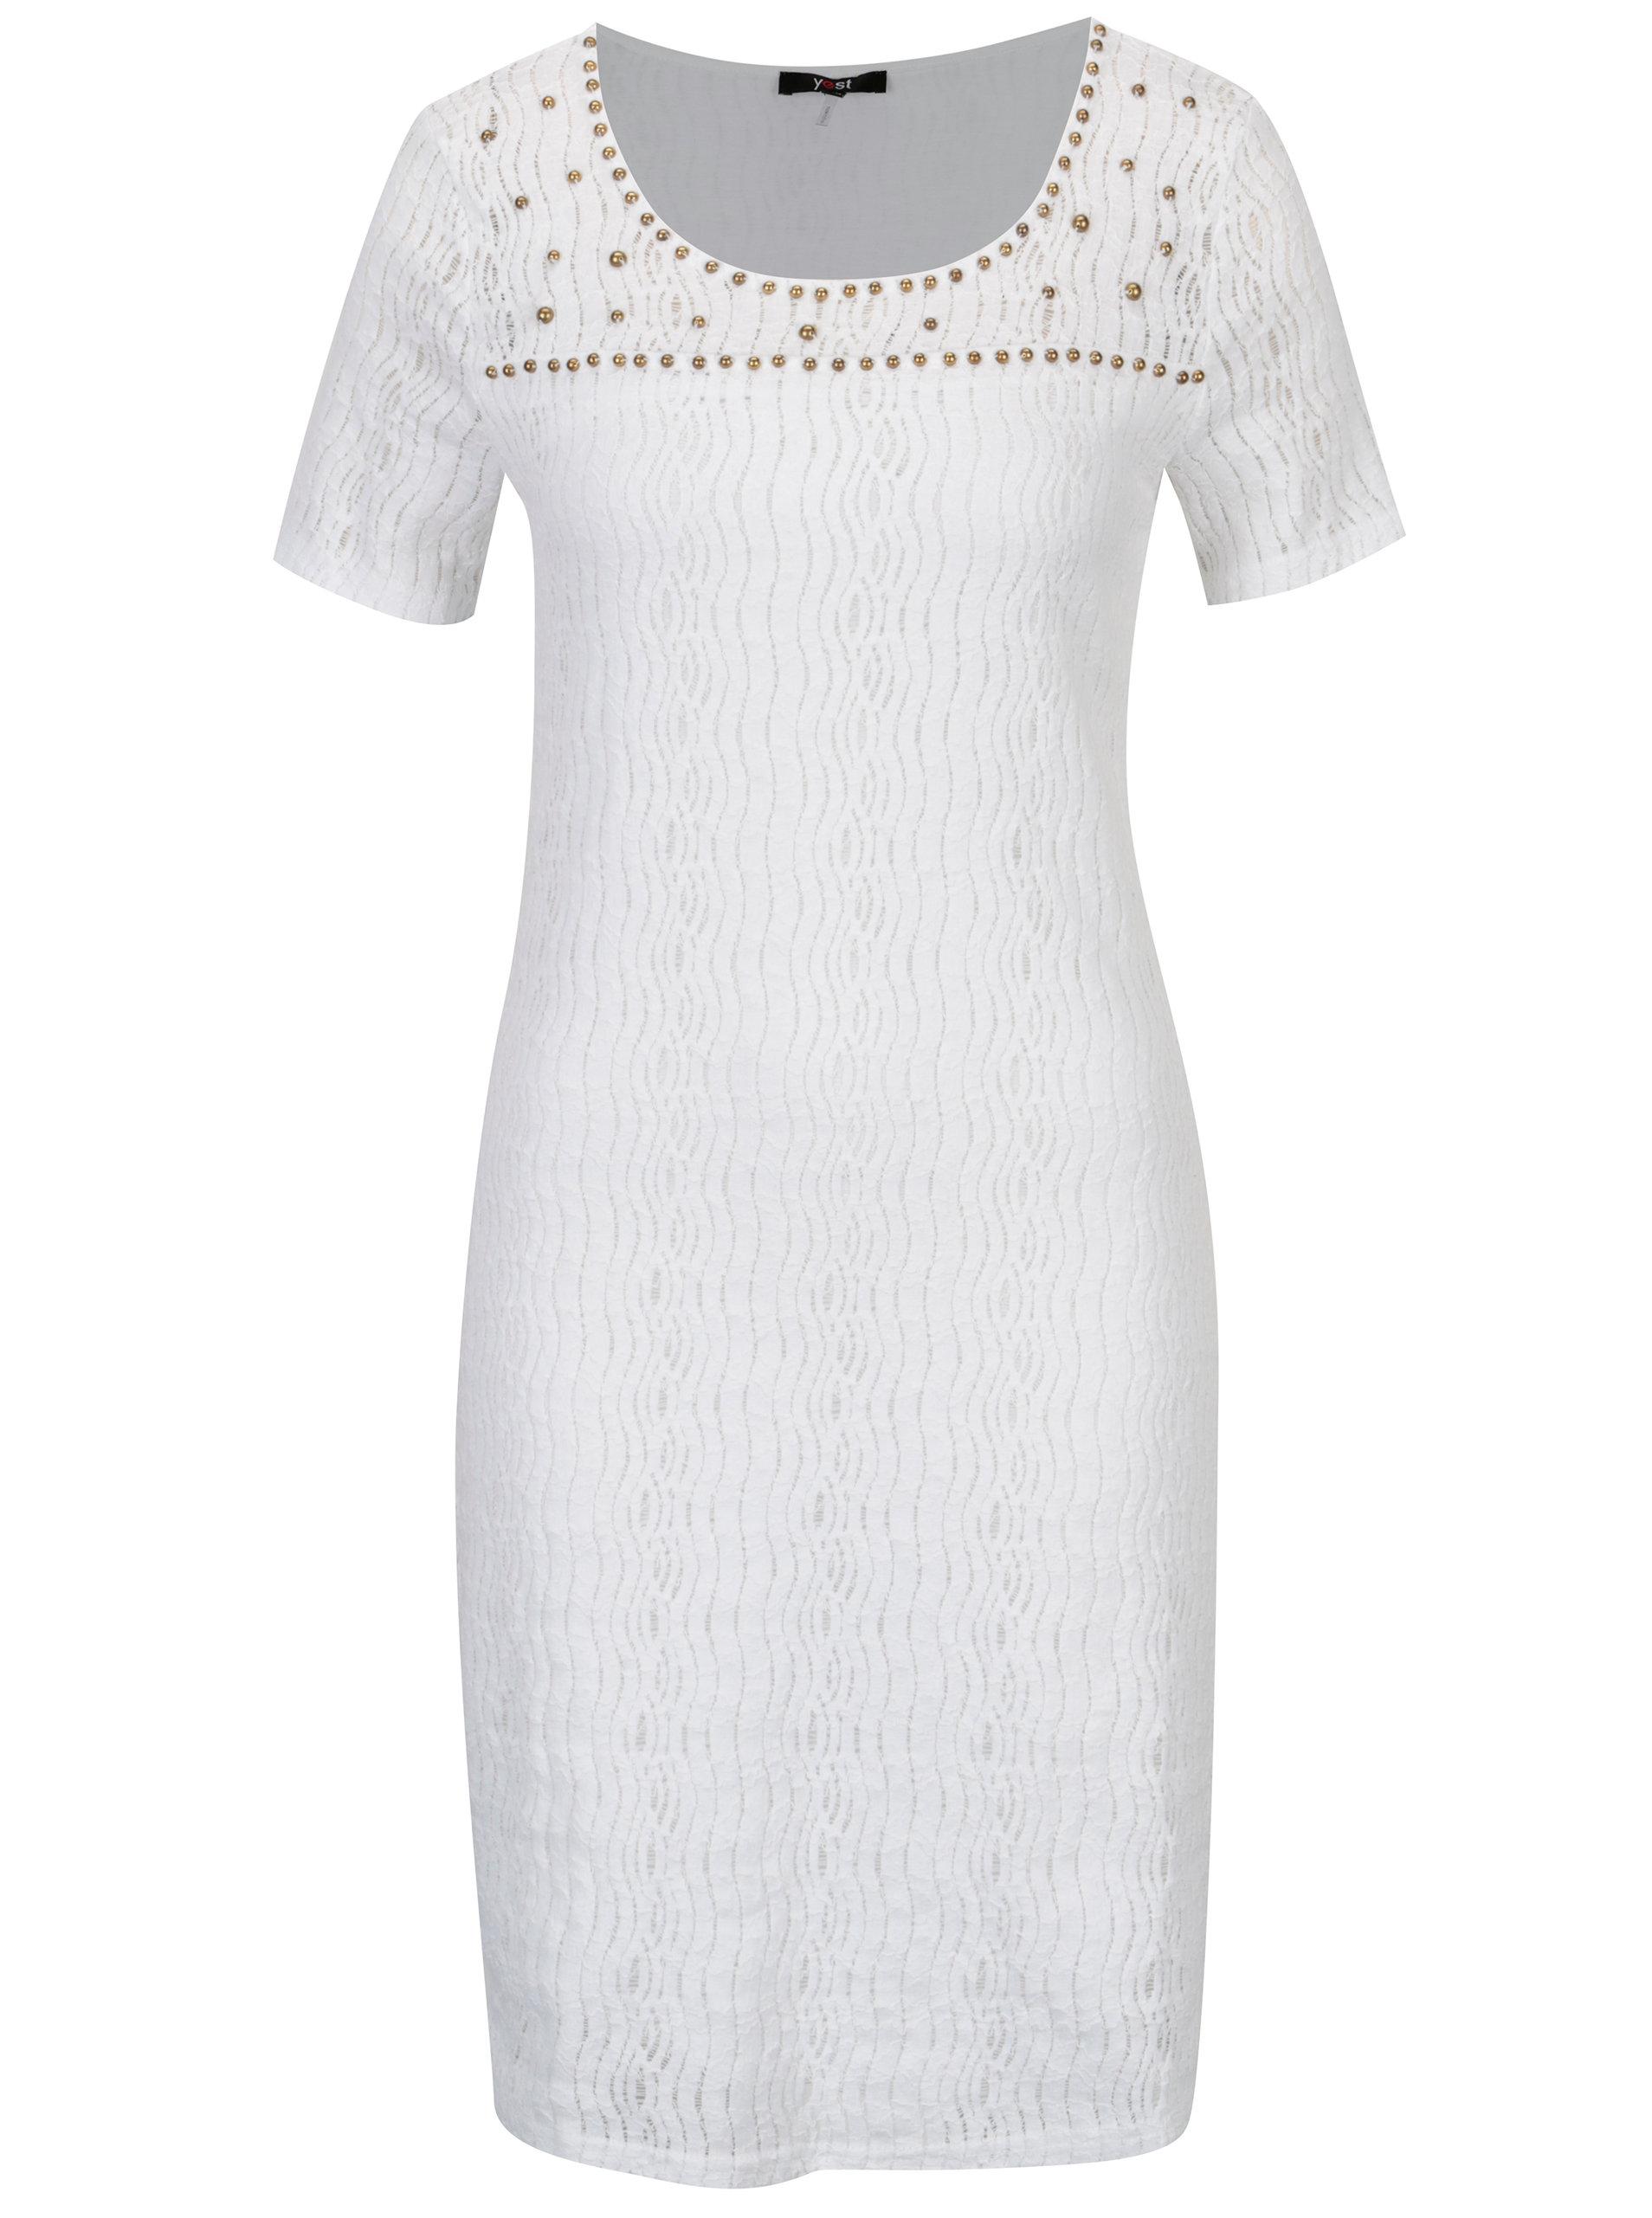 Bílé krajkové šaty s korálkovou aplikací YEST ... e97e8a512e